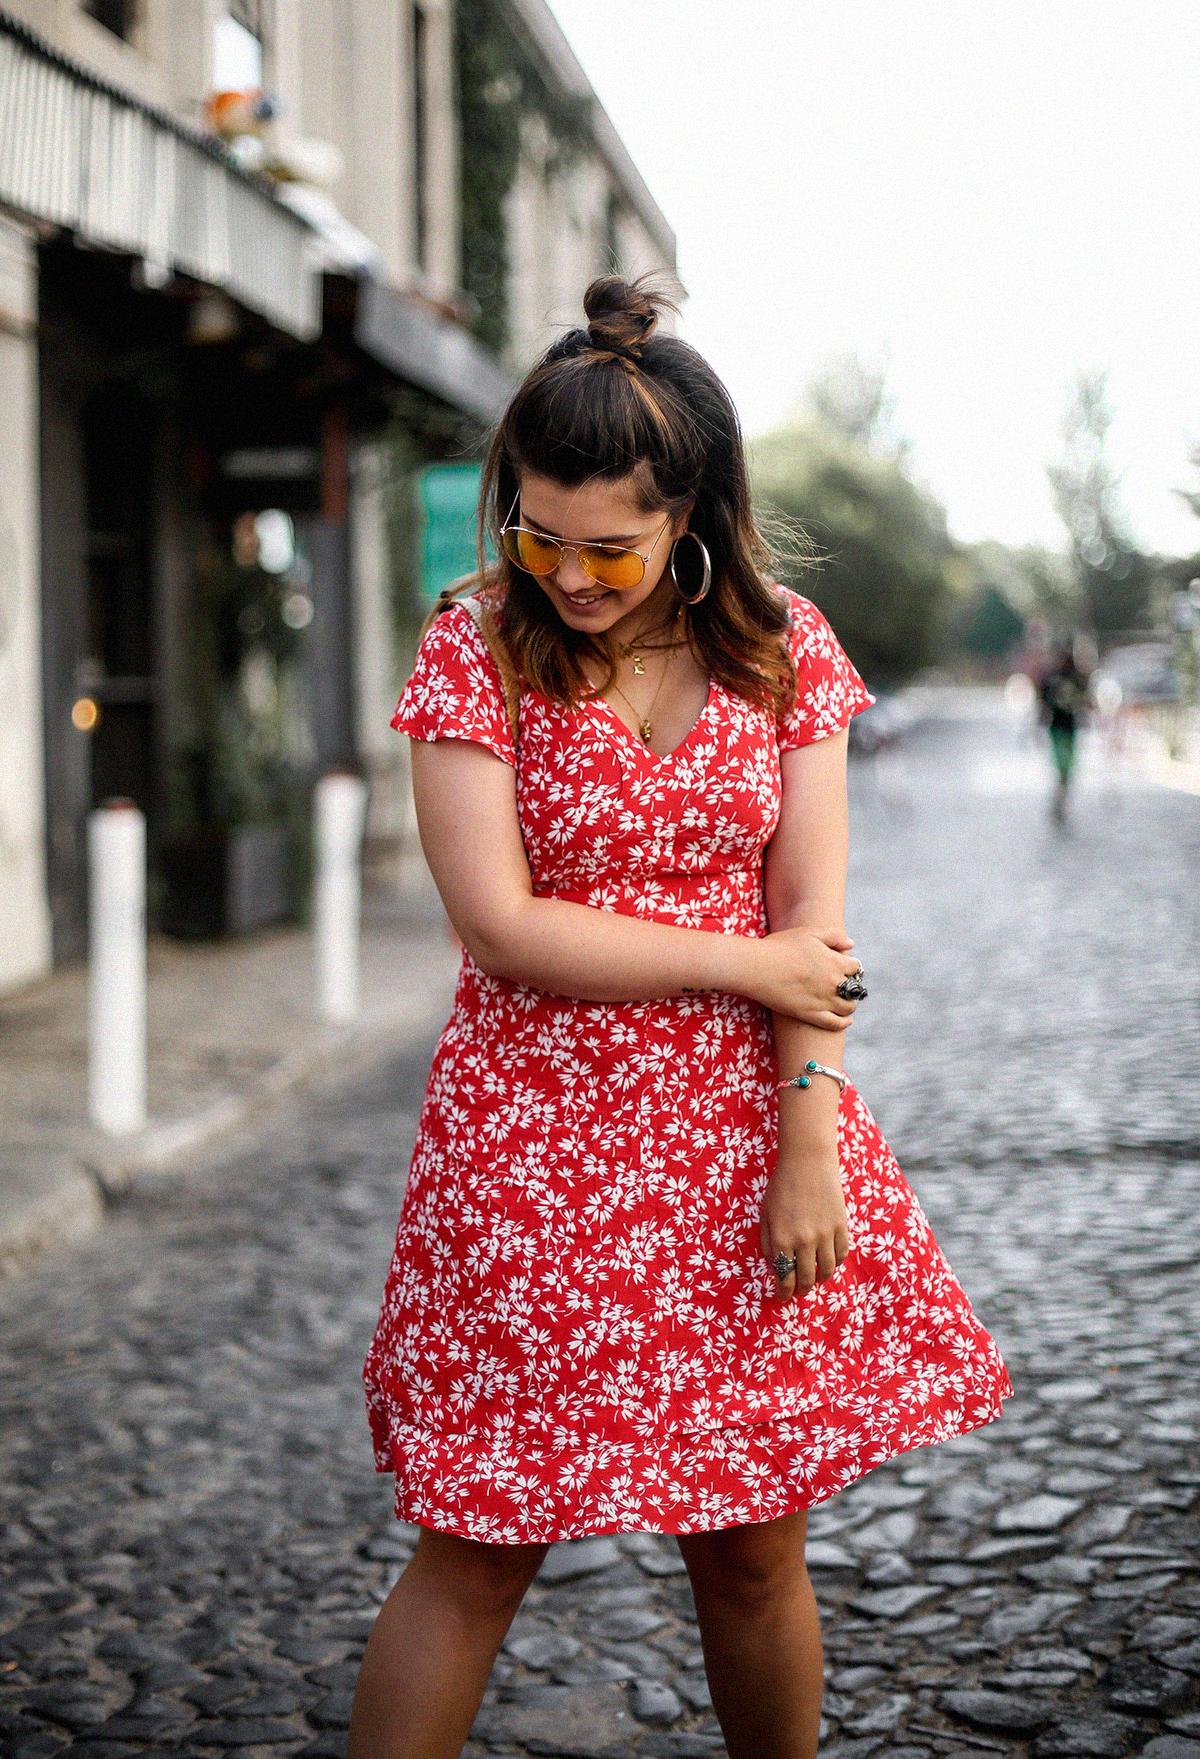 vestido-rojo-volantes-sandalias-lazos-mochila-ratan-travel-lx-factory-lisbon7